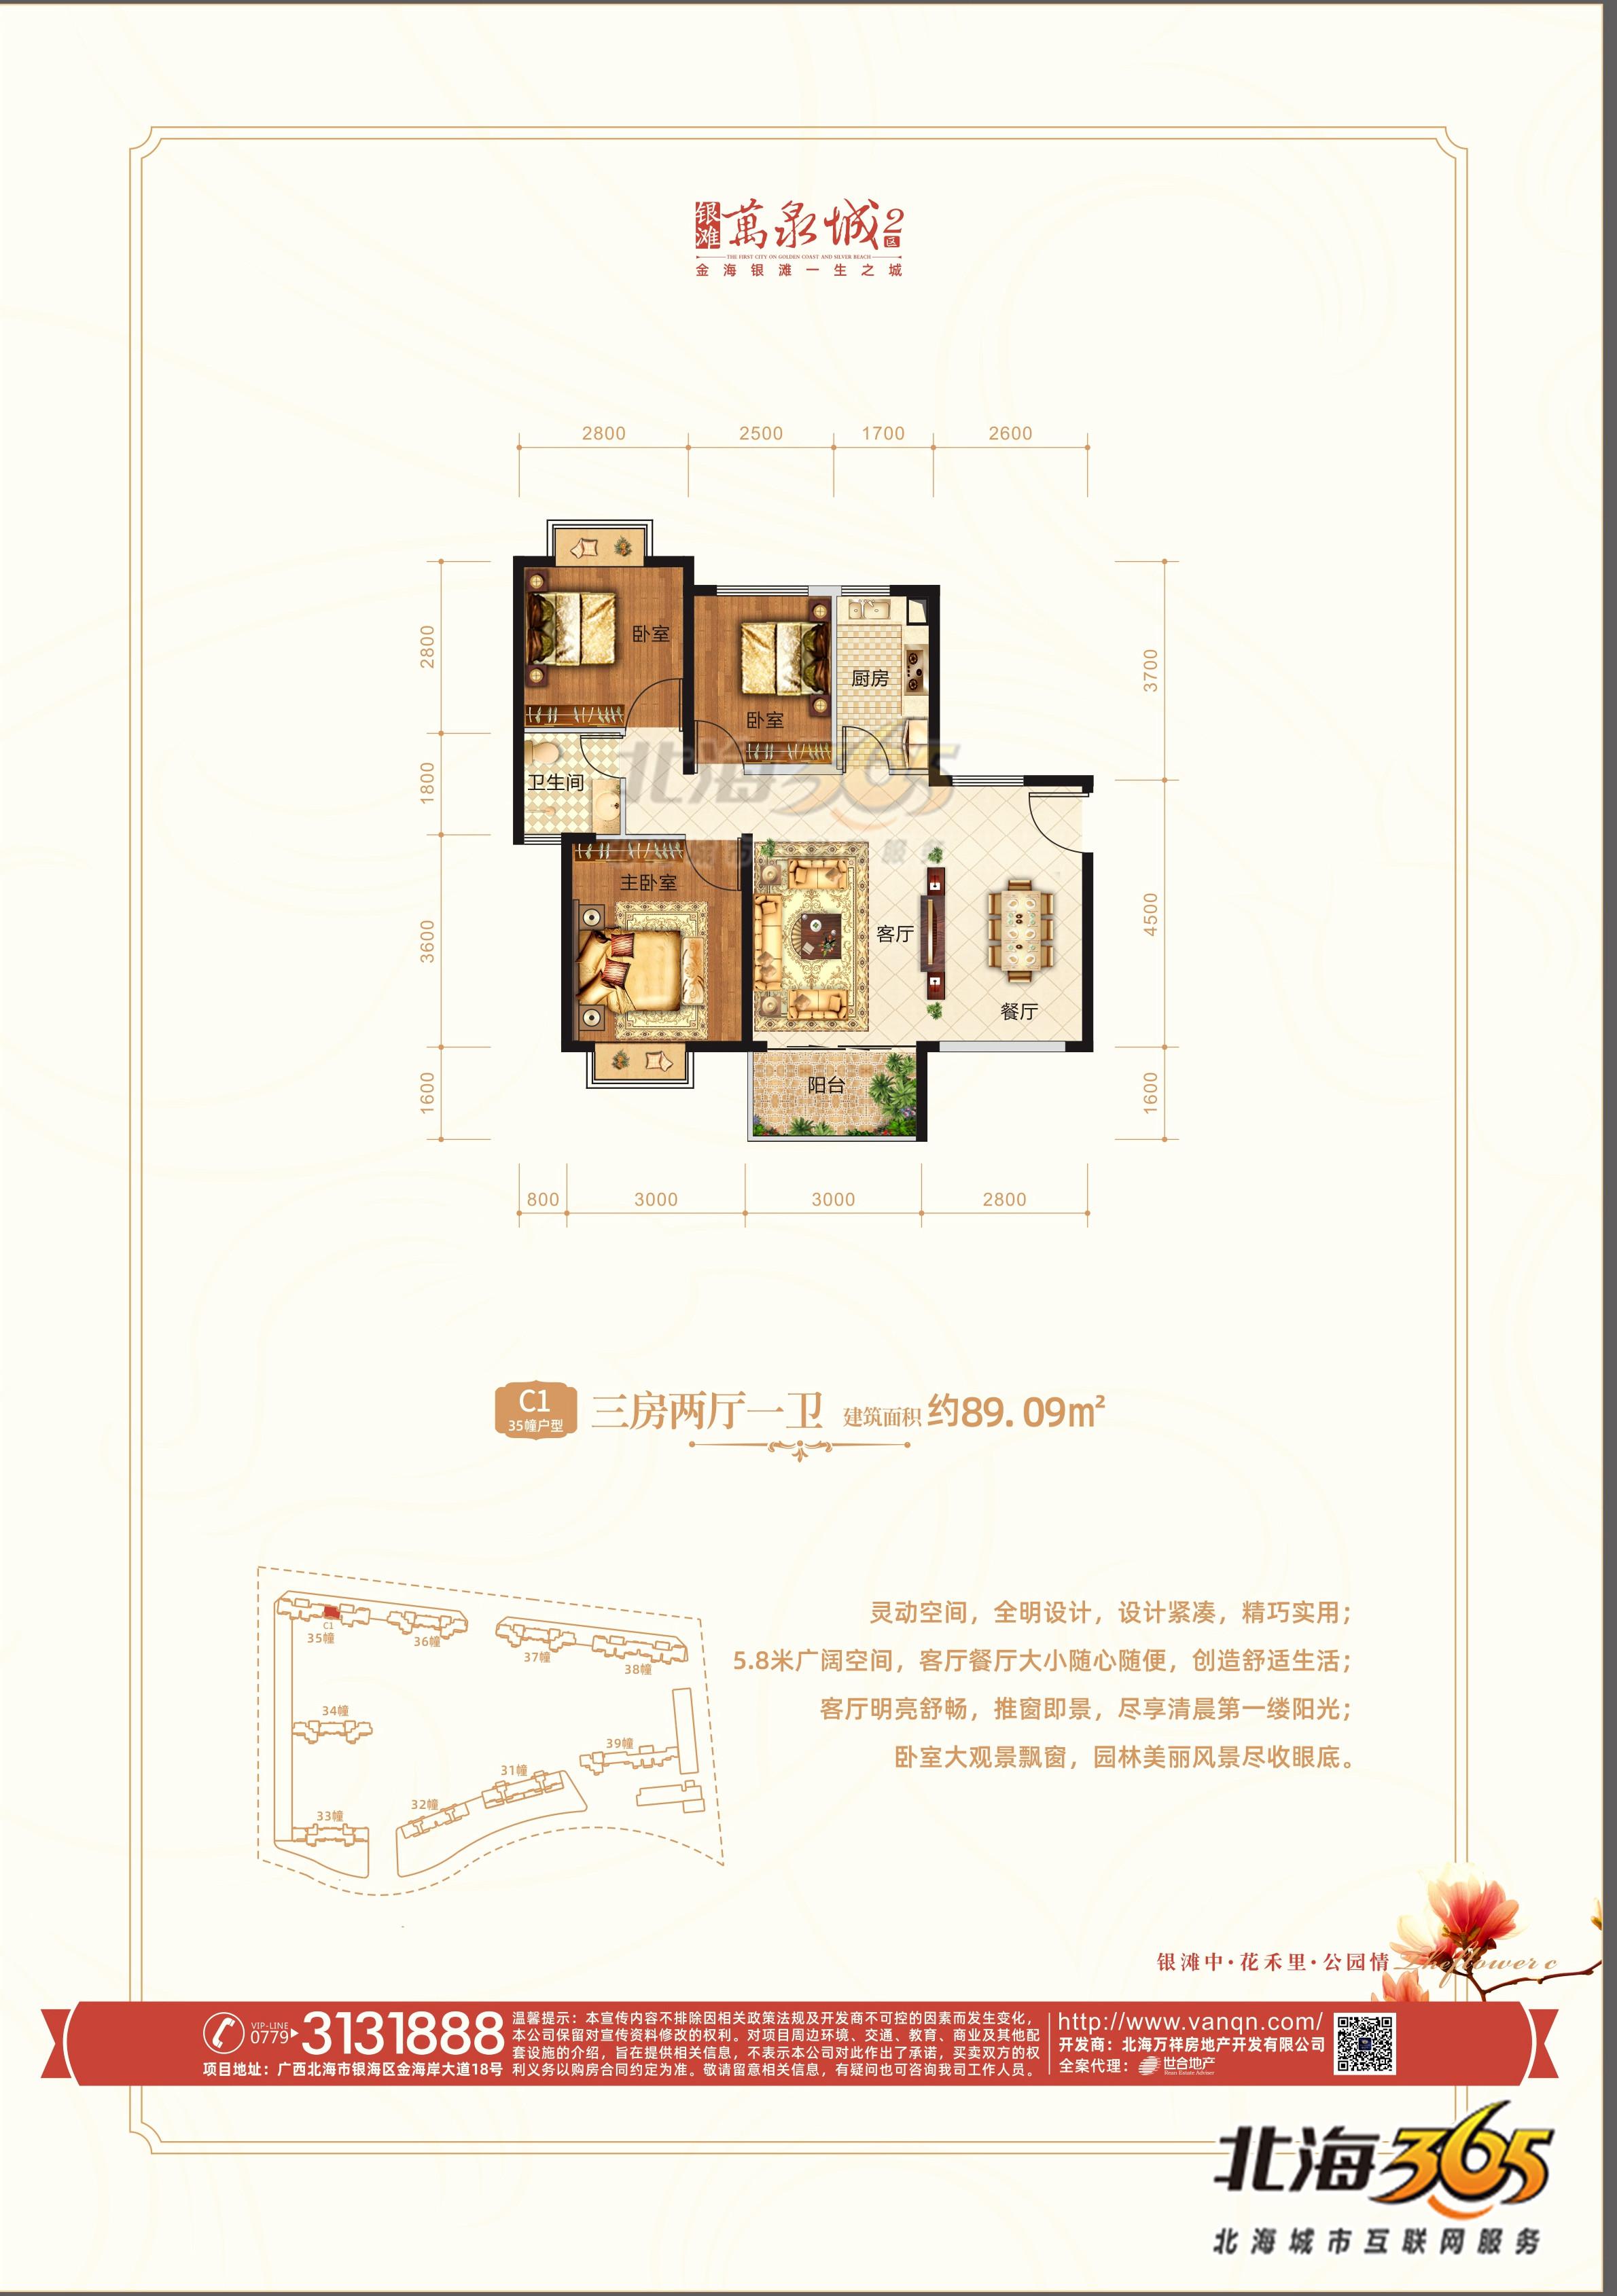 C1-35幢户型三房两厅一卫